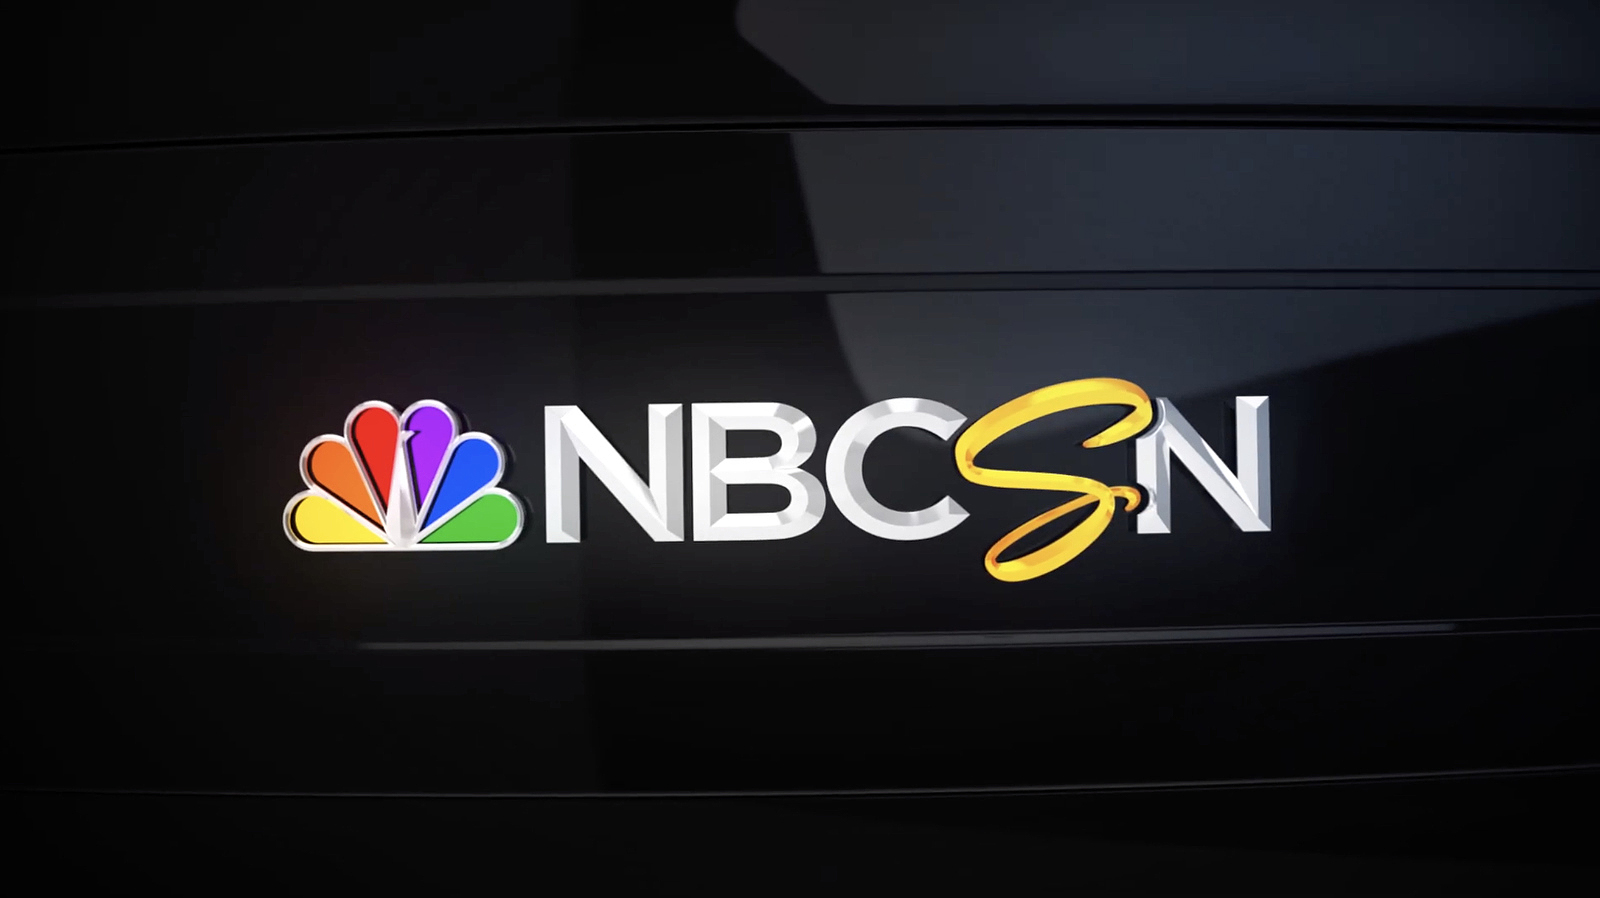 NCS_NBC-Sports_IMSA-Weathertech-Championship-Graphics_0012